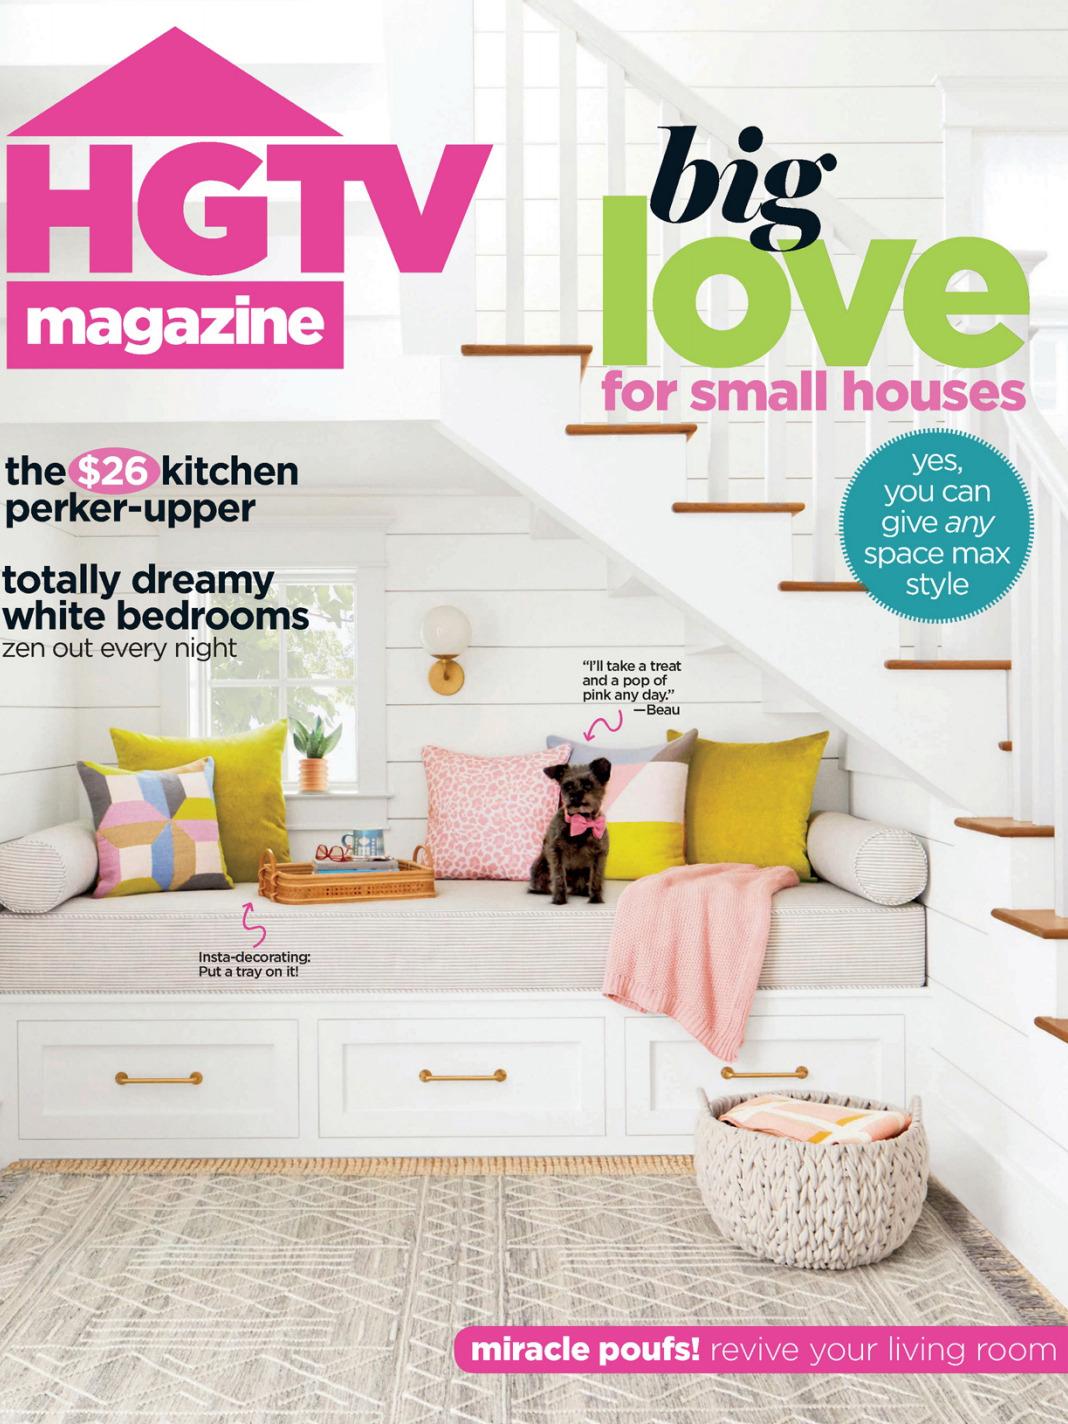 《Hgtv》美国版时尚家居设计杂志2020年03月号